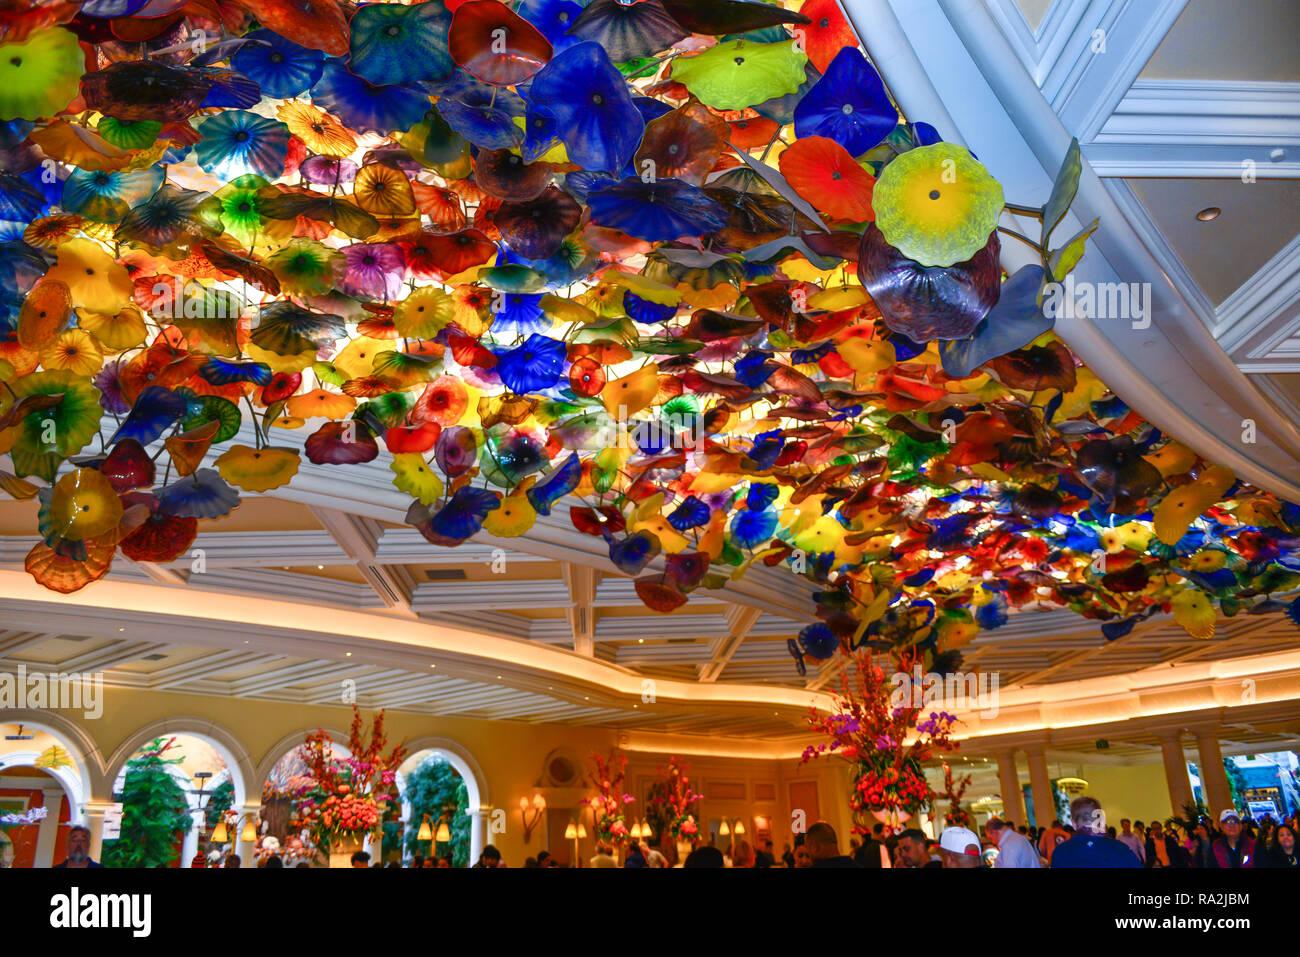 Decke mit Dale Chihuly bunte Glas Skulptur von thousdands von Glas ...